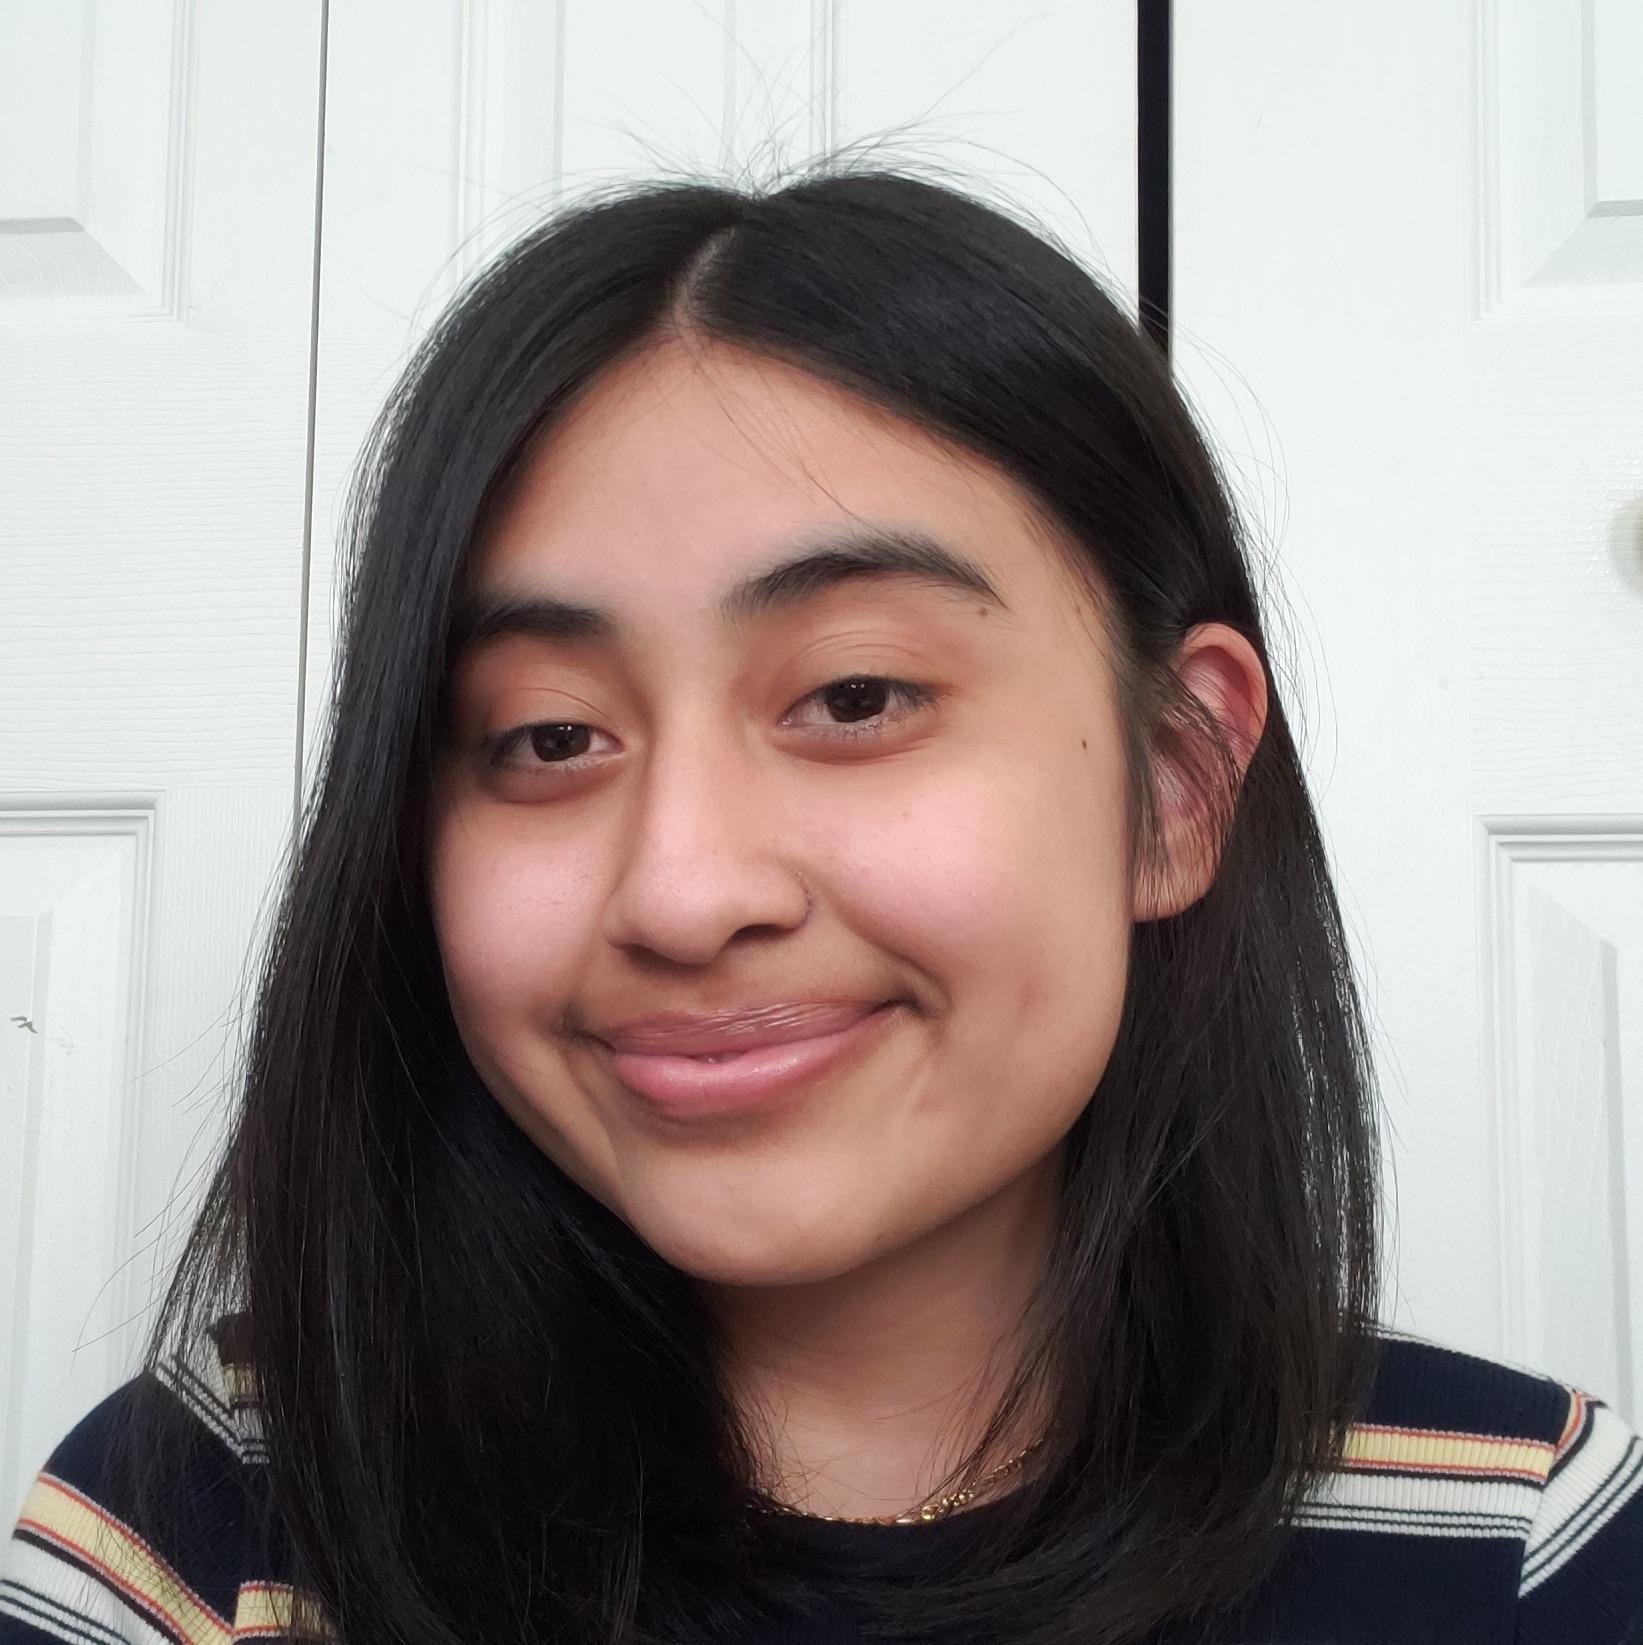 Headshot student Zaira Reyes